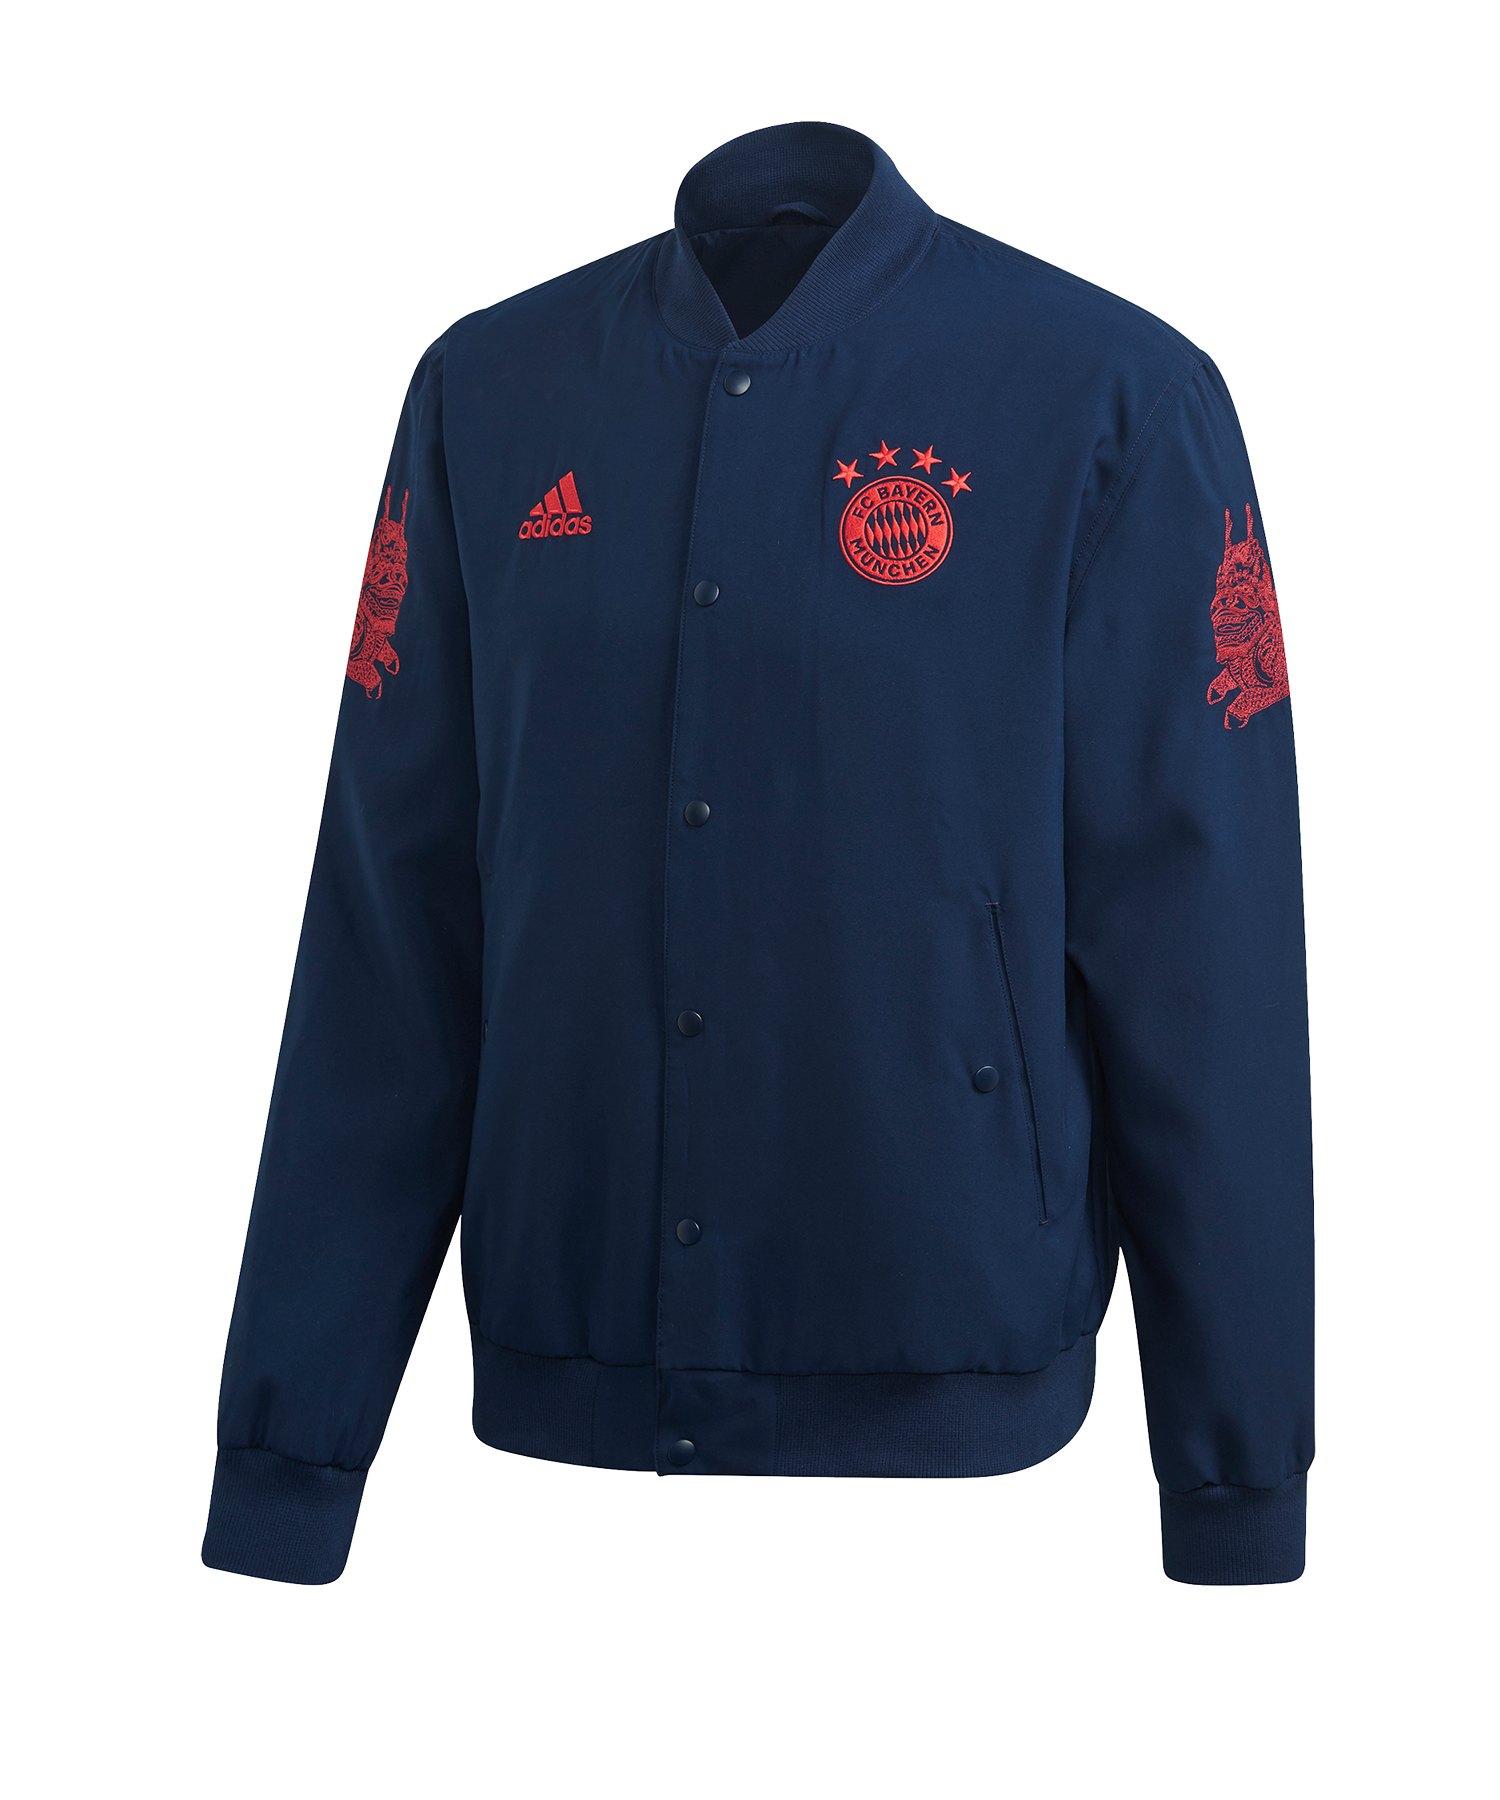 adidas FC Bayern München CNY Jacke Blau - blau